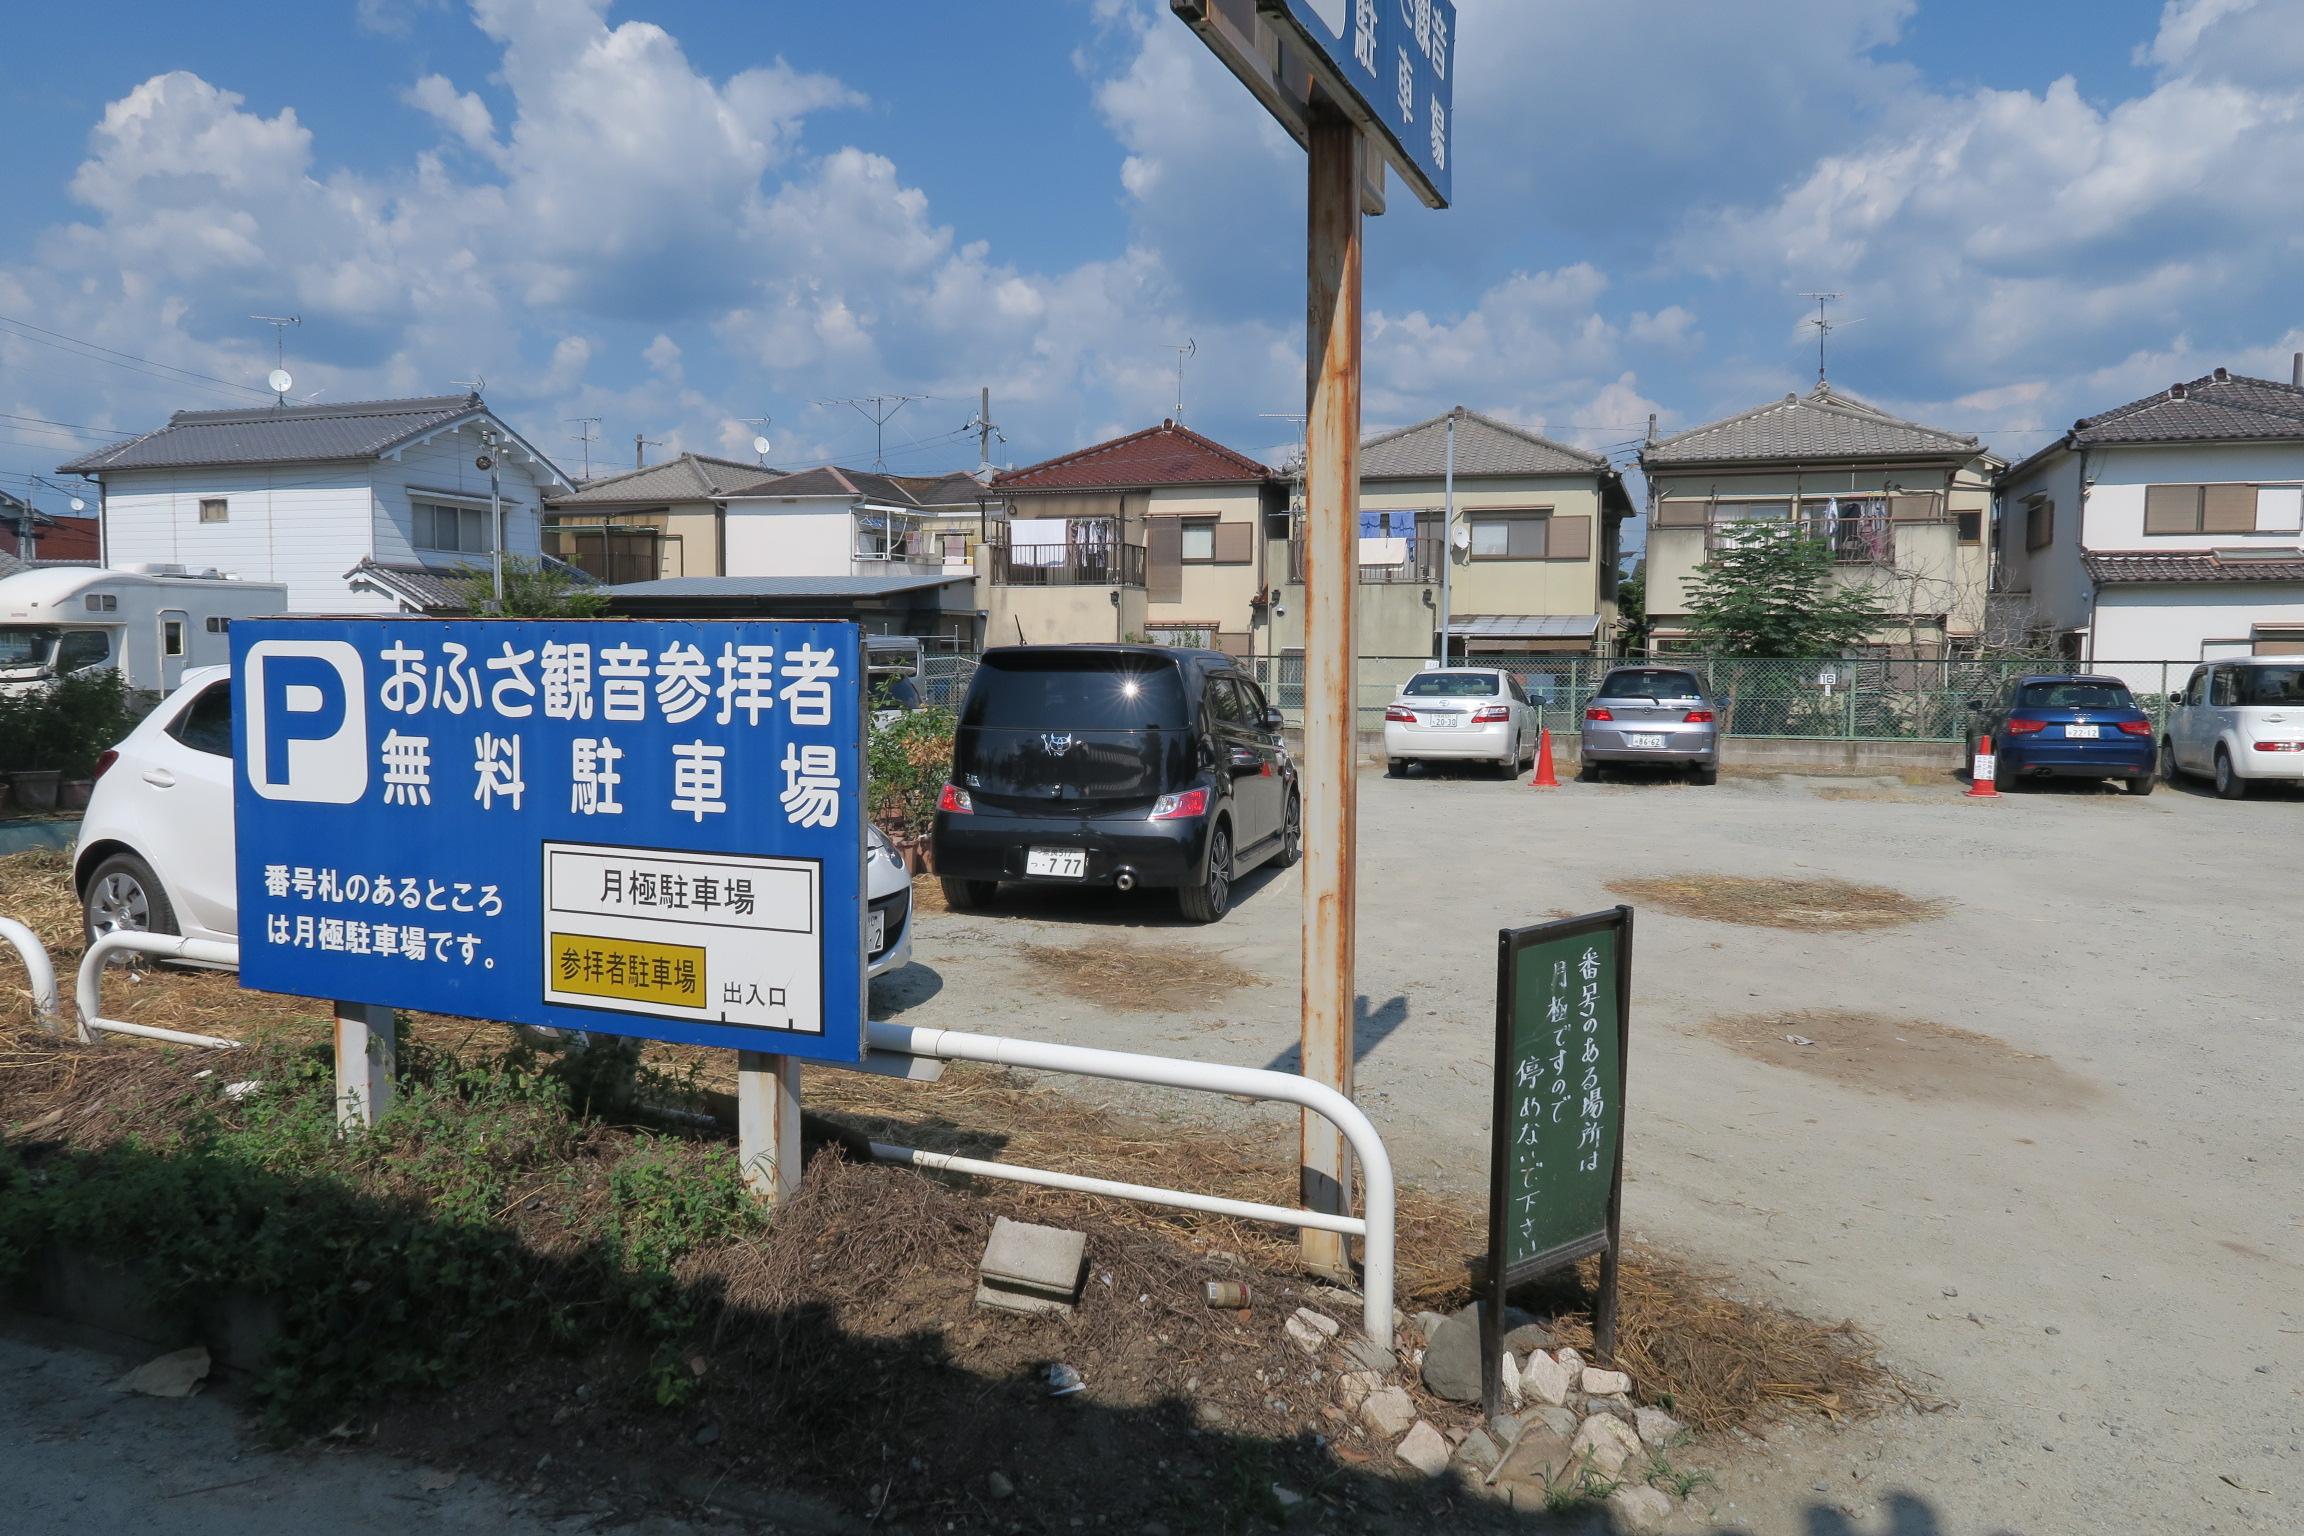 この駐車場は契約車輌が多いので、駐車位置を間違えないよう注意が必要です!